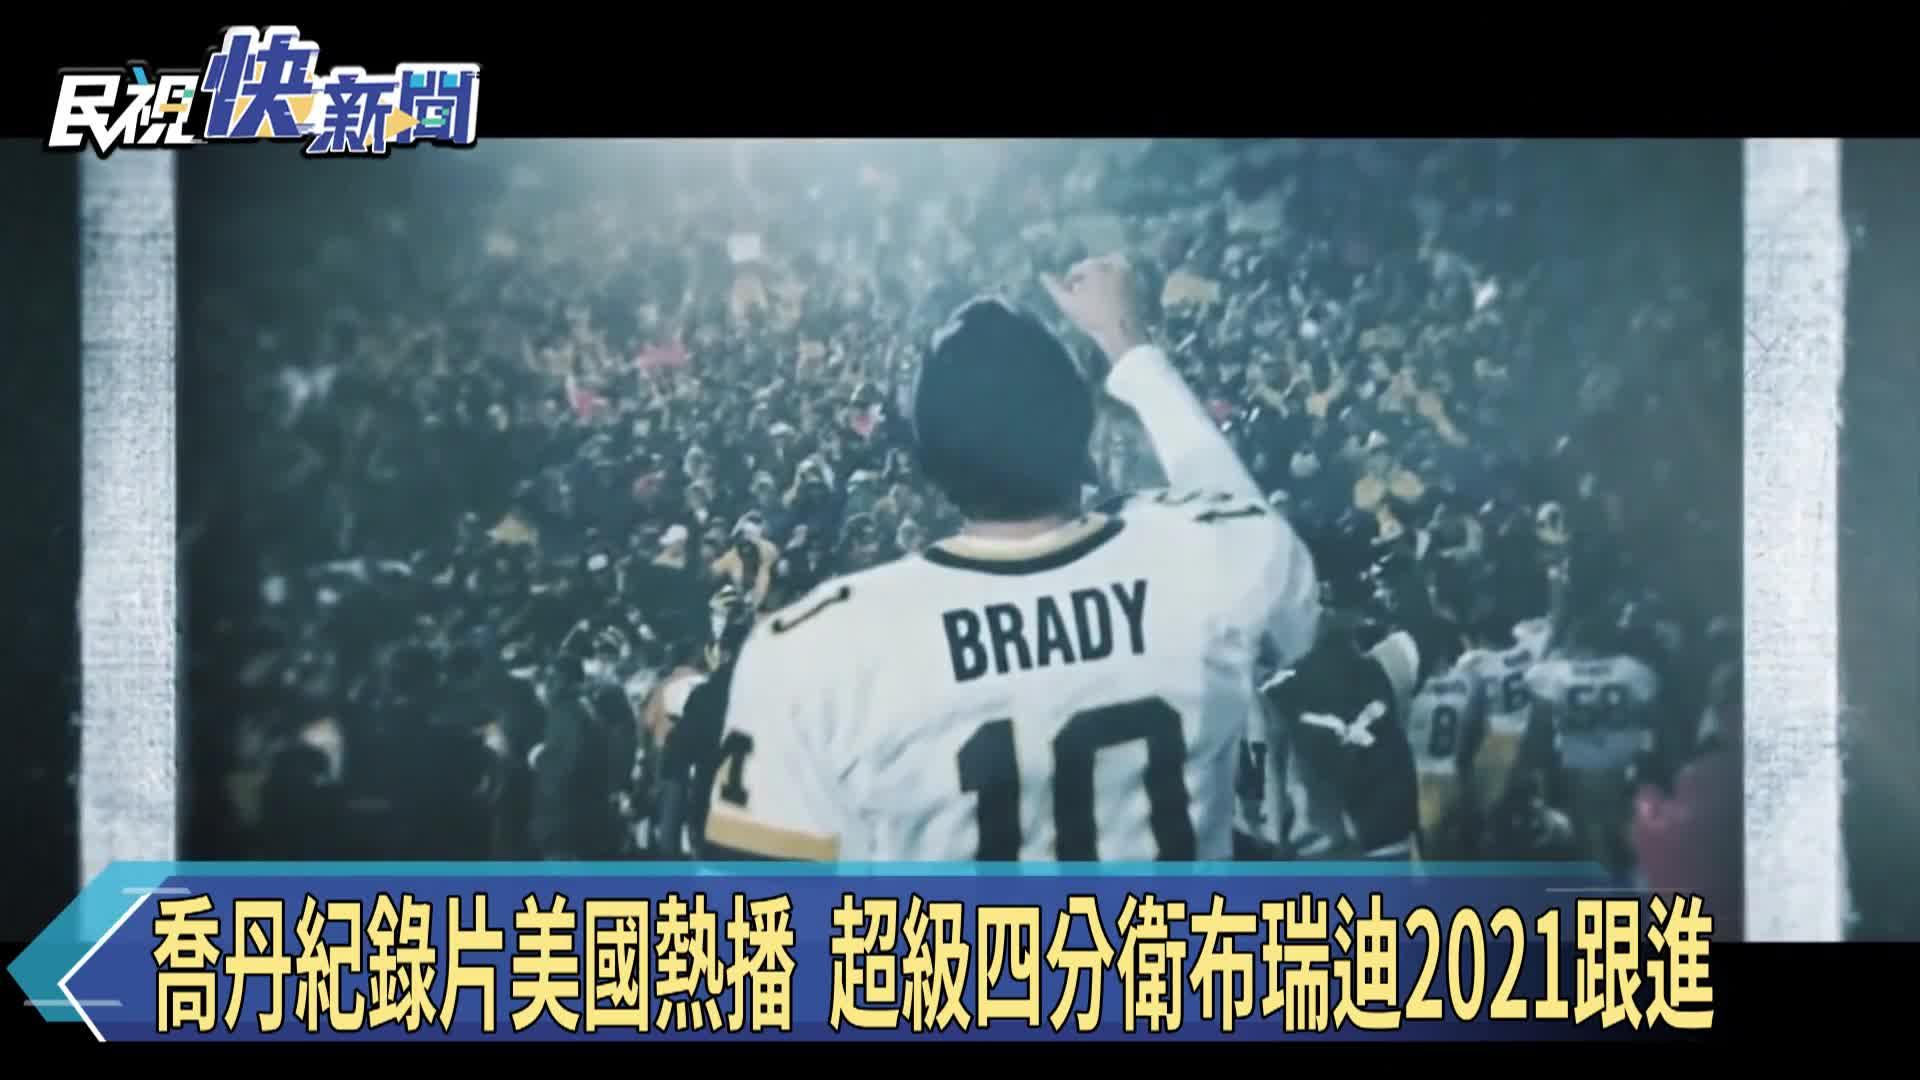 喬丹紀錄片美國熱播 超級四分衛布瑞迪2021跟進